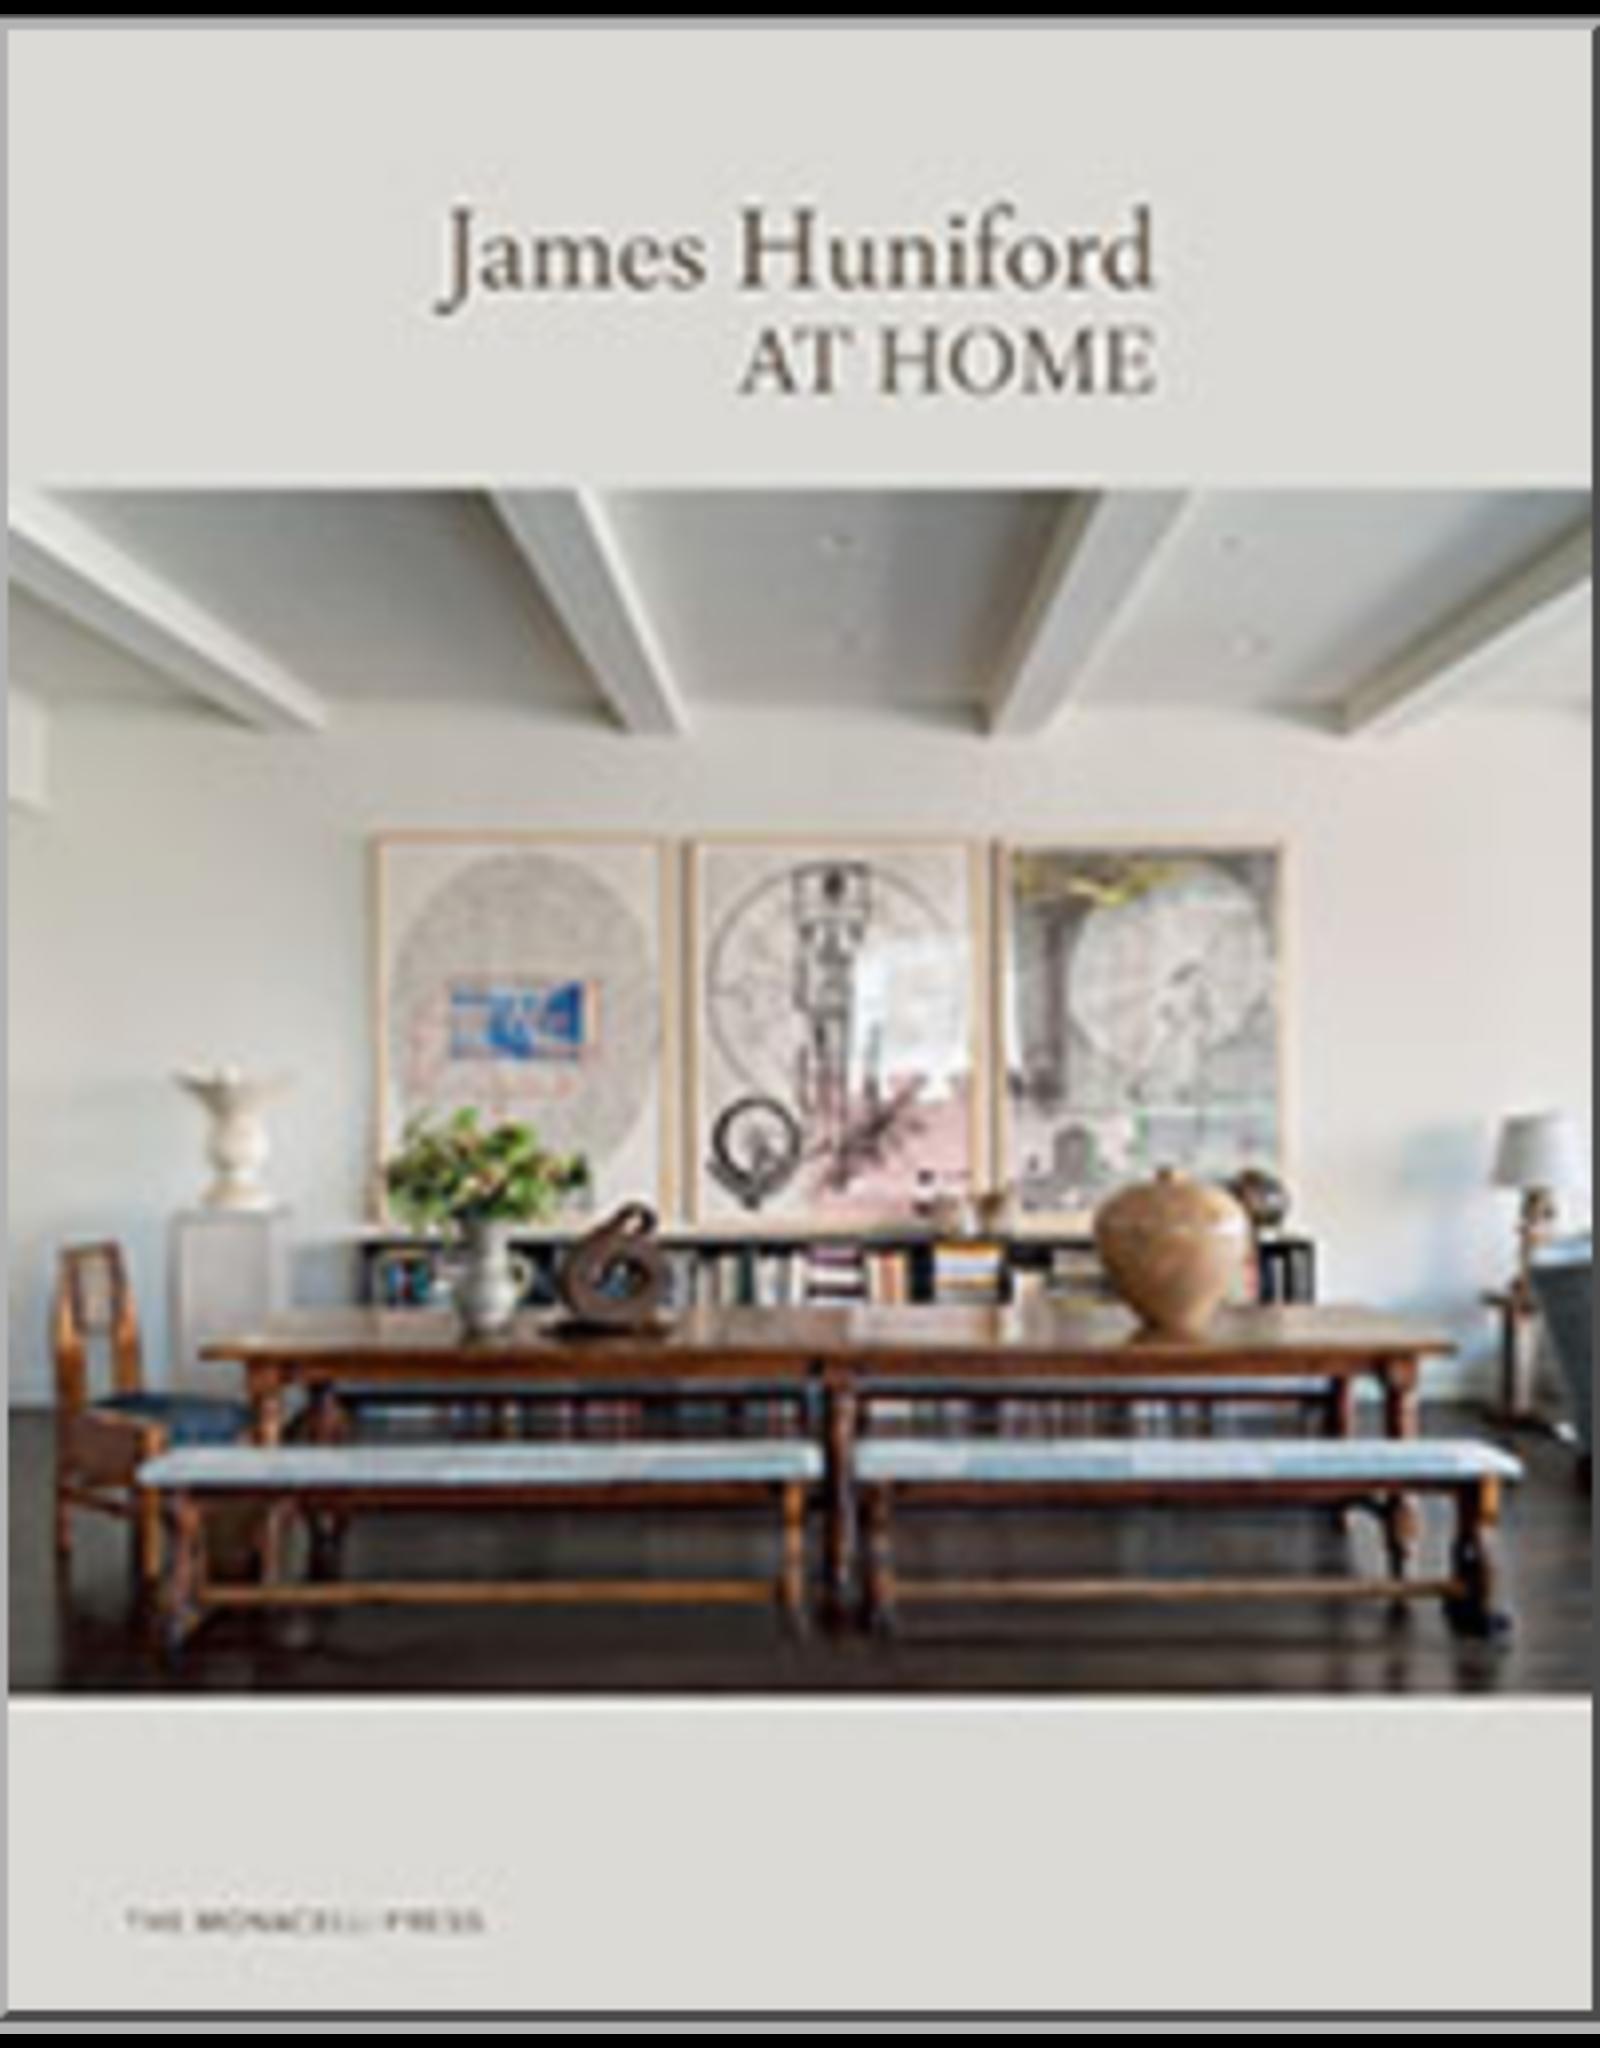 Website James Huniford: At Home